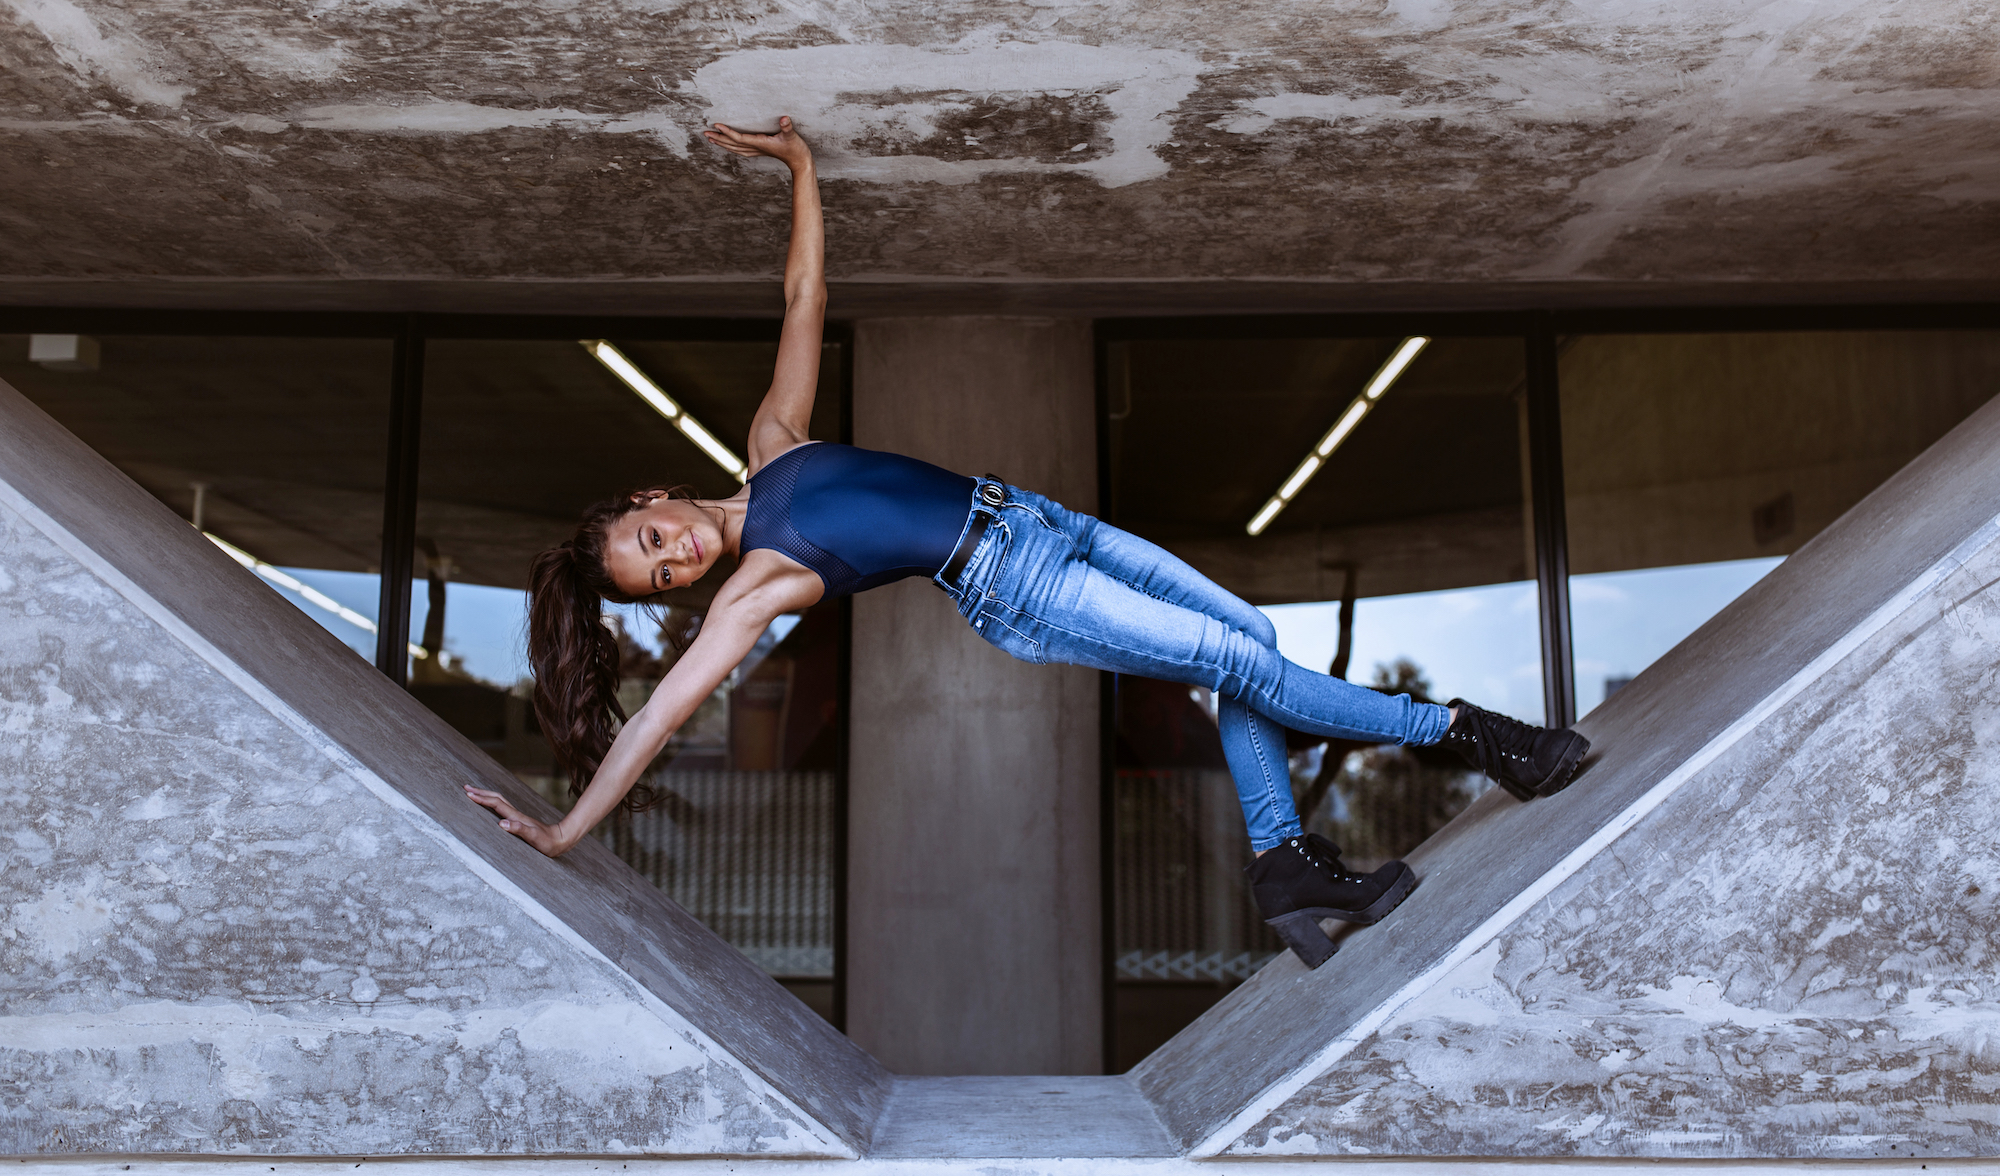 One to watch: Melbourne dancer Mackenzie Duffy